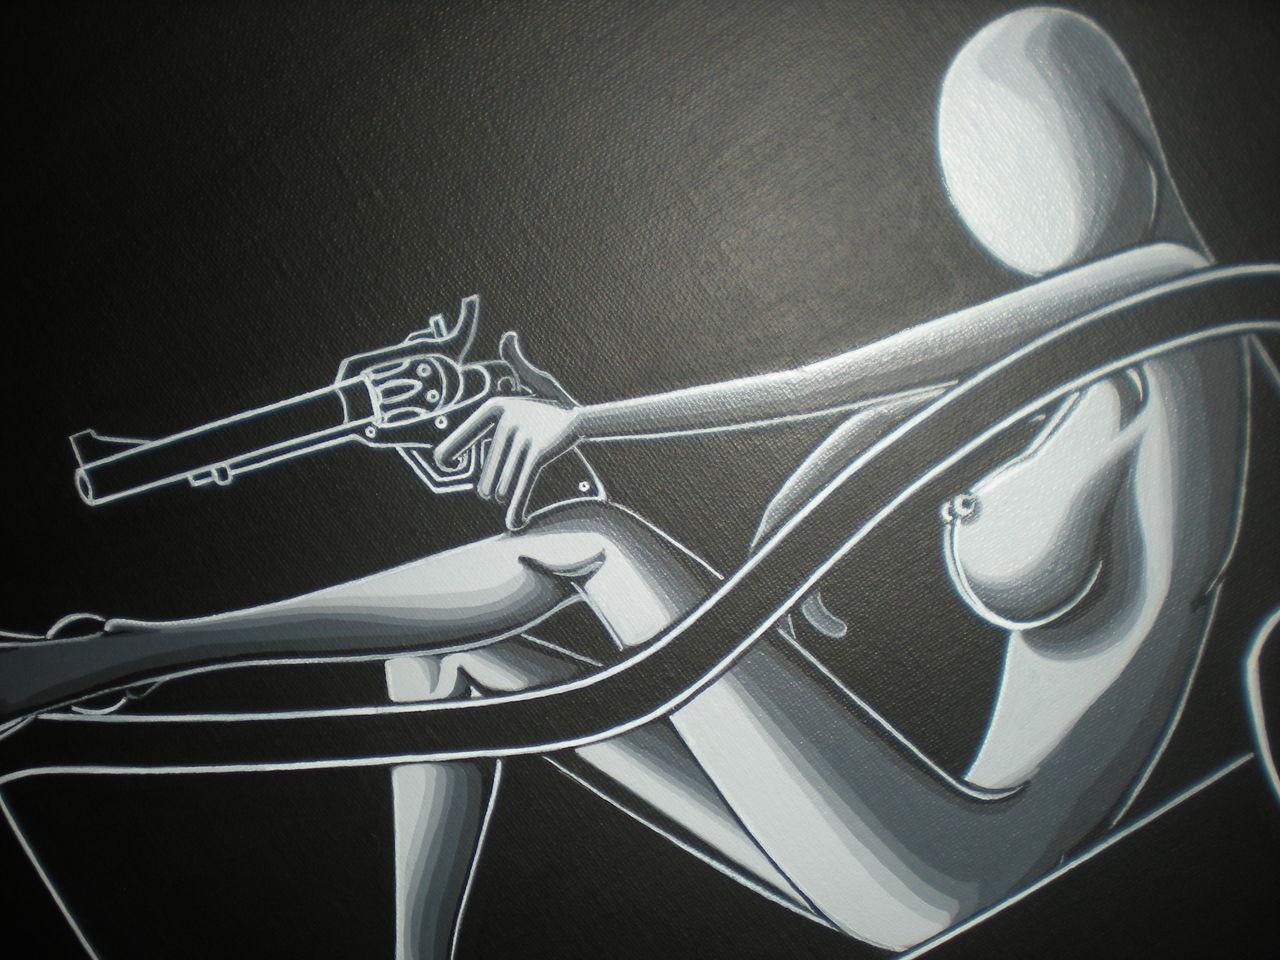 souad halima-rihoum dit SWAD en tant qu'artiste PARANO